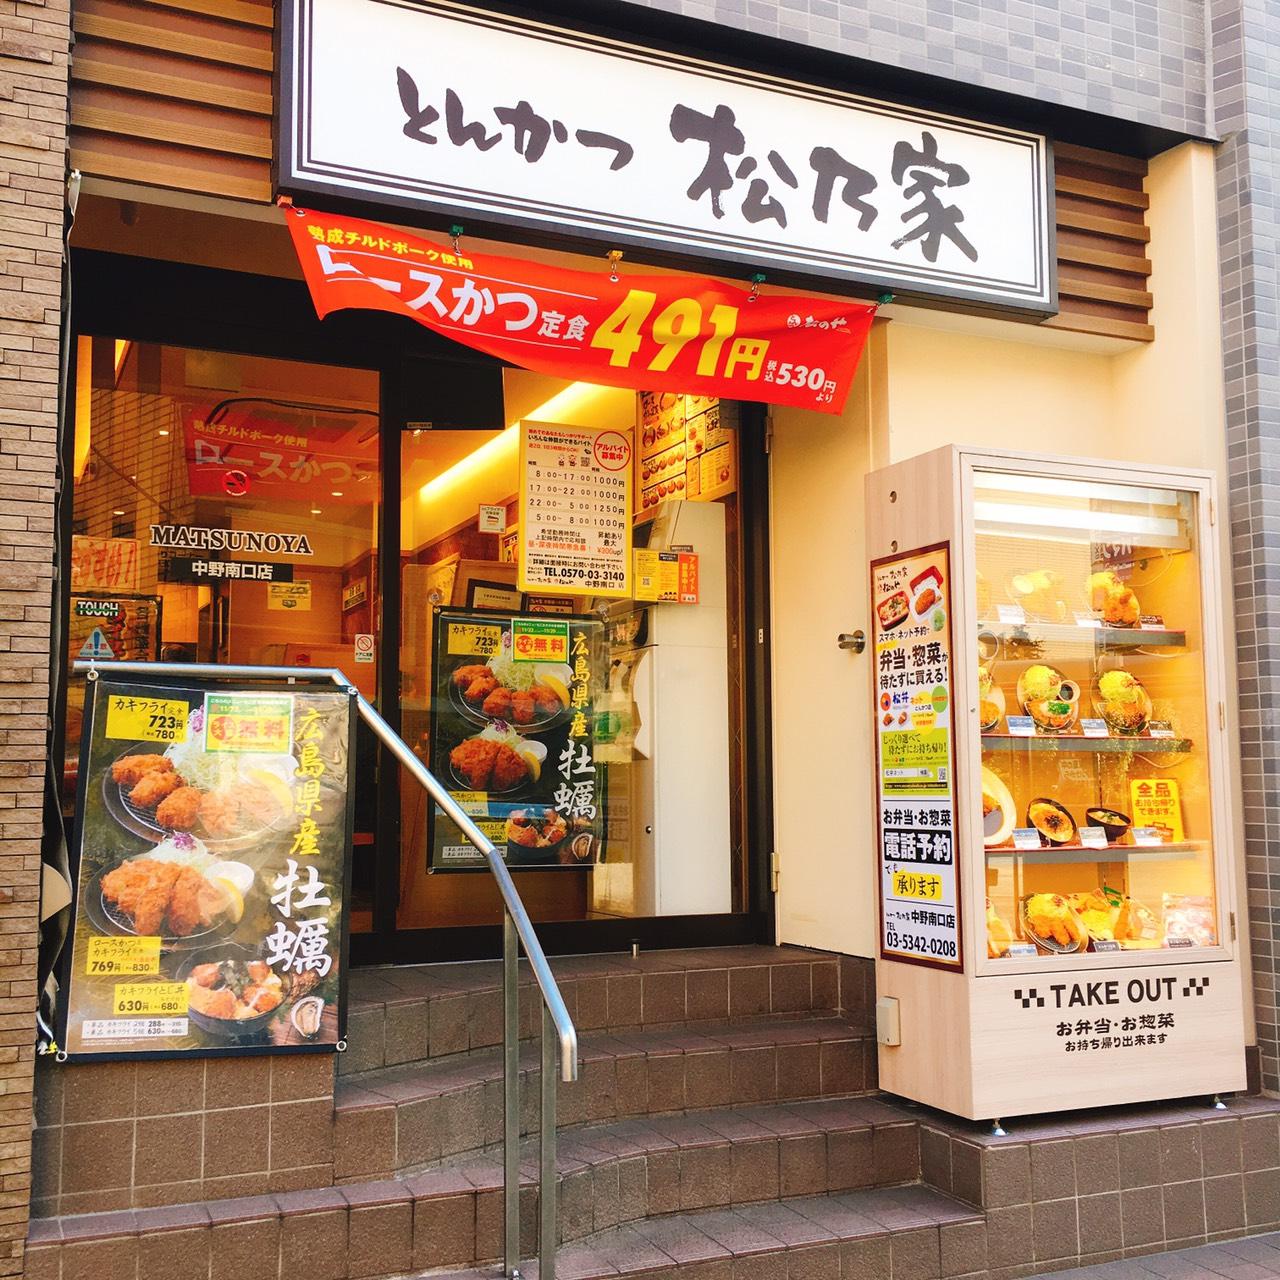 在東京推薦吃什麼?經濟實惠日本平價餐廳集合! | Tokyo Creative